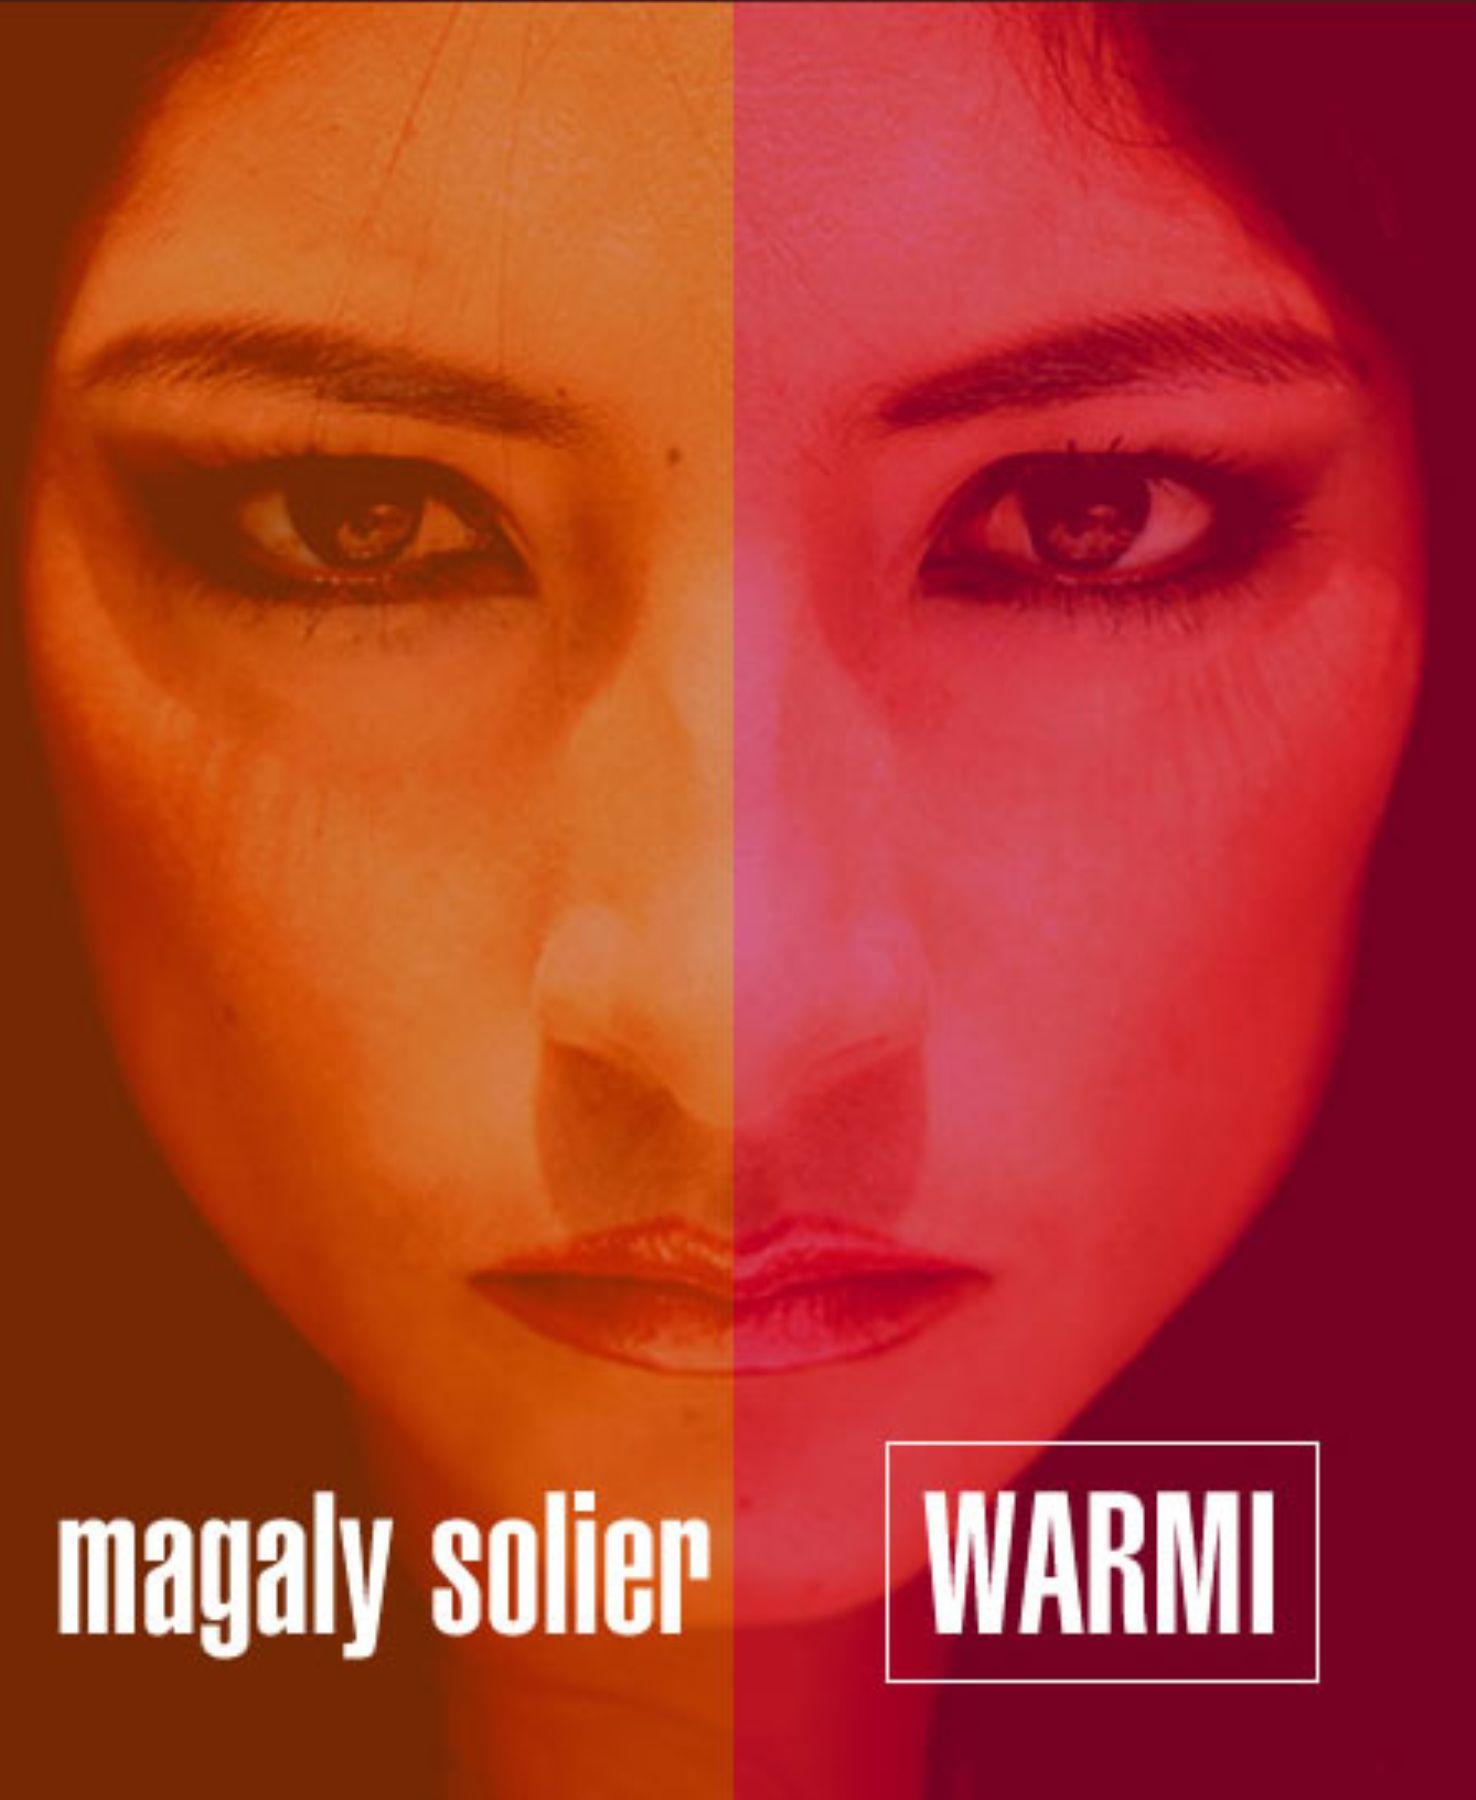 magaly solier warmi